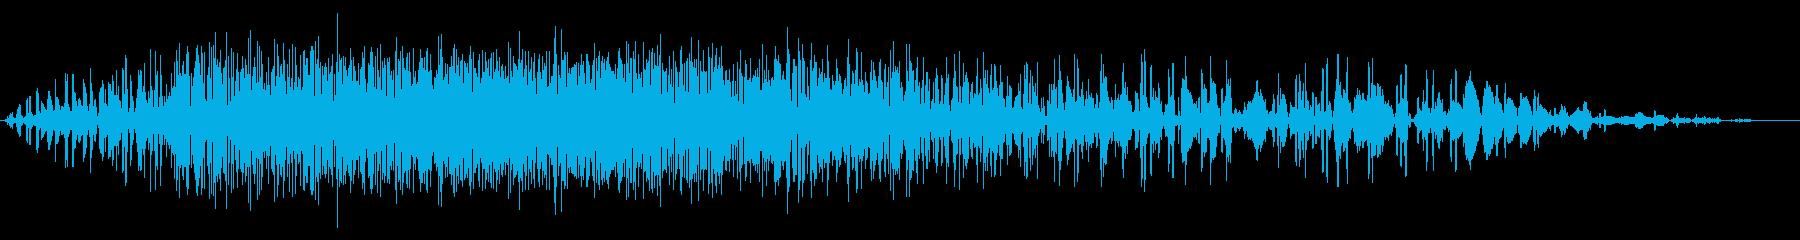 短い地鳴り・地震#2の再生済みの波形